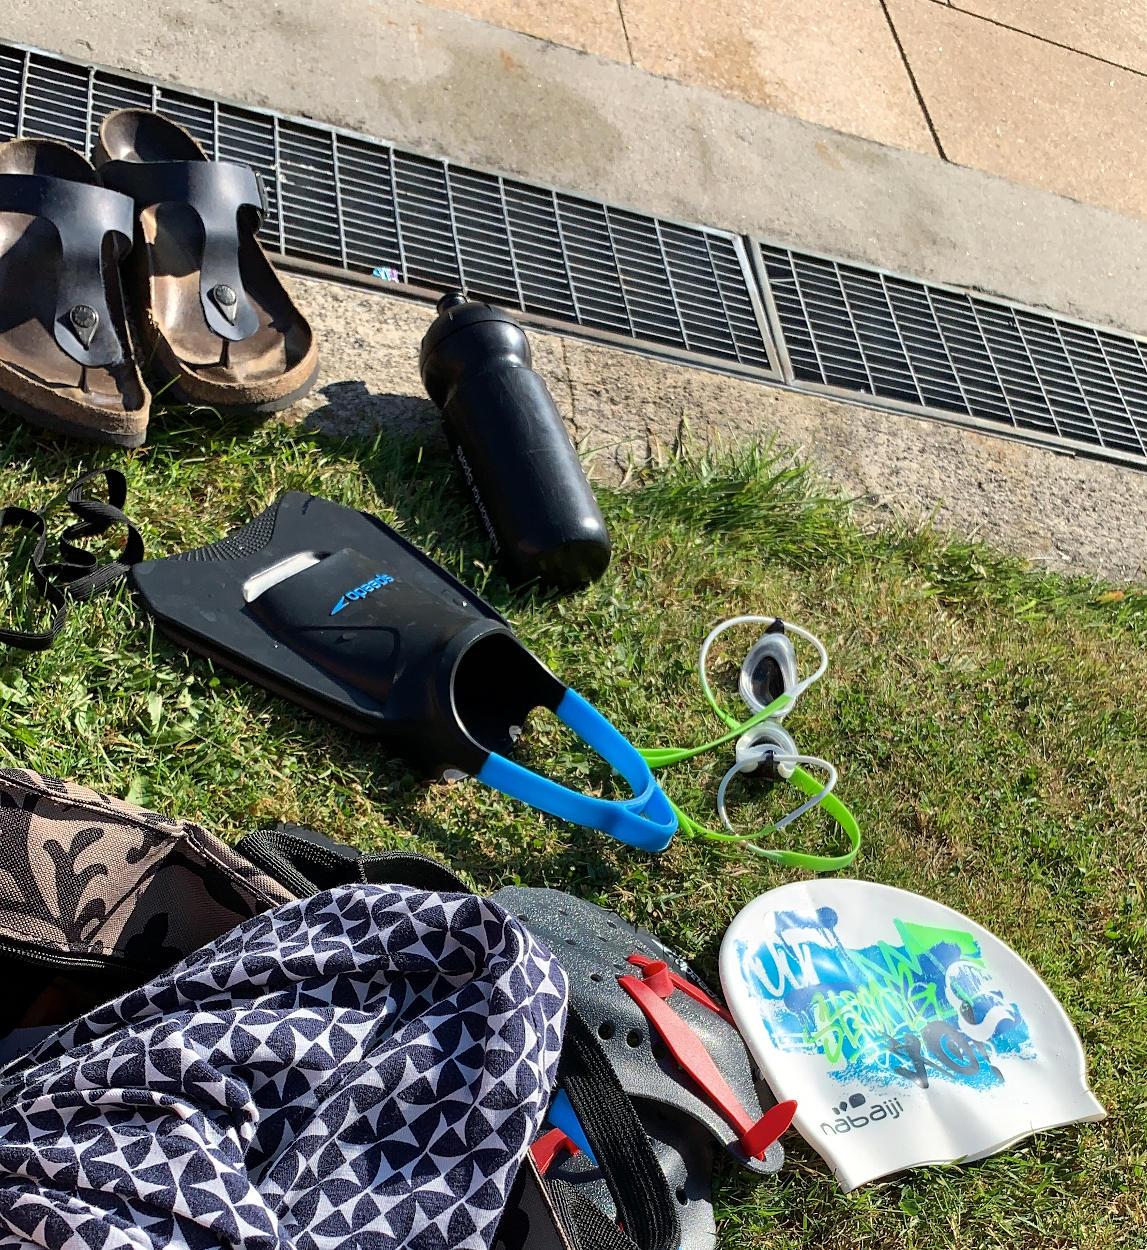 Schwimmutensilien auf der Wiese: Flossen, Brille, Paddles, Padekappe, danenebn Birkenstock und eine Tasche mit einem Kleid